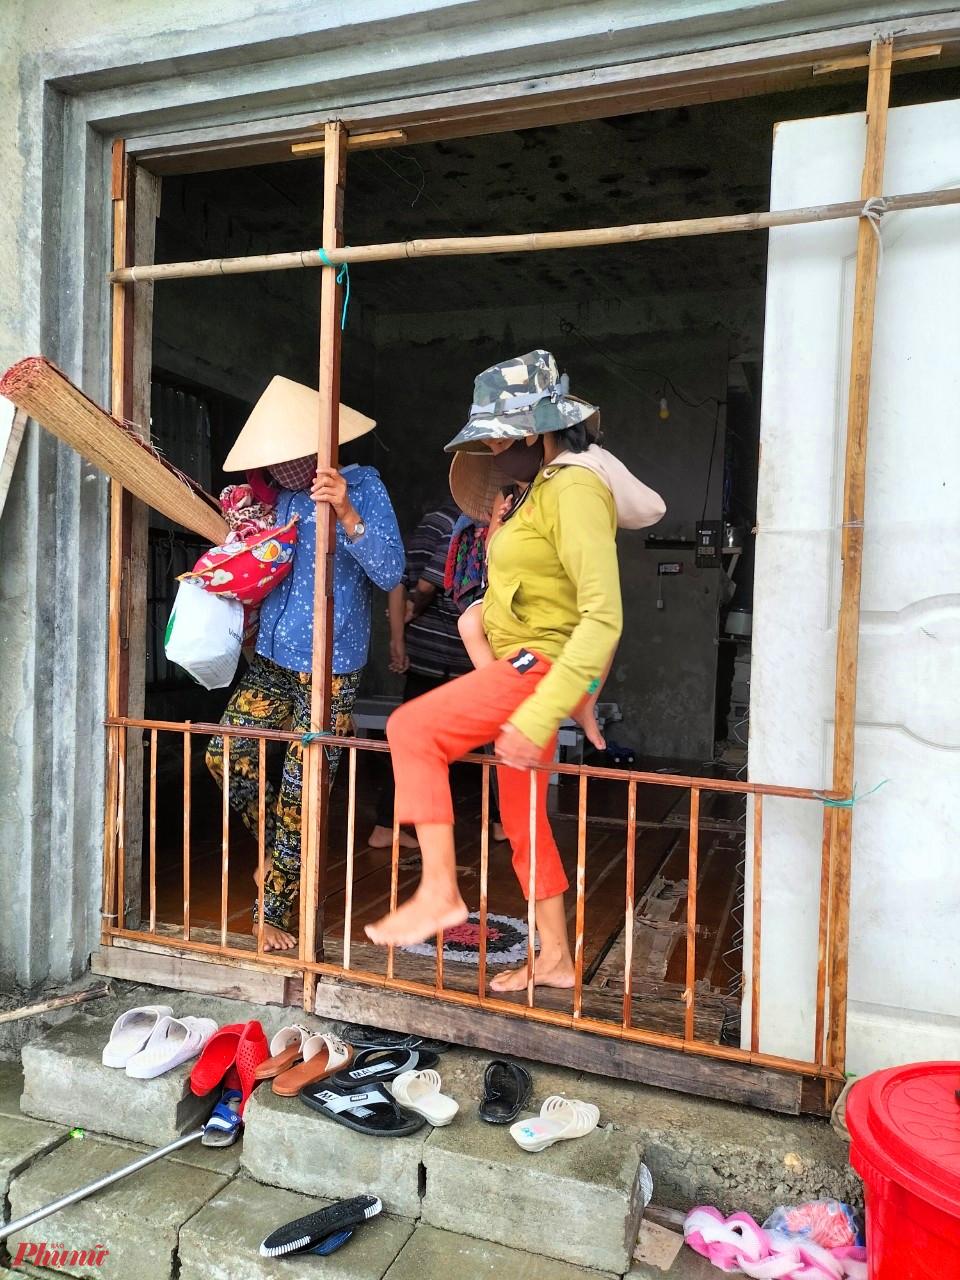 Có mặt tại thôn Tân An xã biển Phú Thuận huyện Phú Vang (Thừa Thiên- Huế) trong sáng 11/9 phóng viên Báo Phụ Nữ TP.HCM nhận thấy công việc di dời các hộ dân đang sinh sống ở khu vực sát biển đang được triển khai khẩn trương